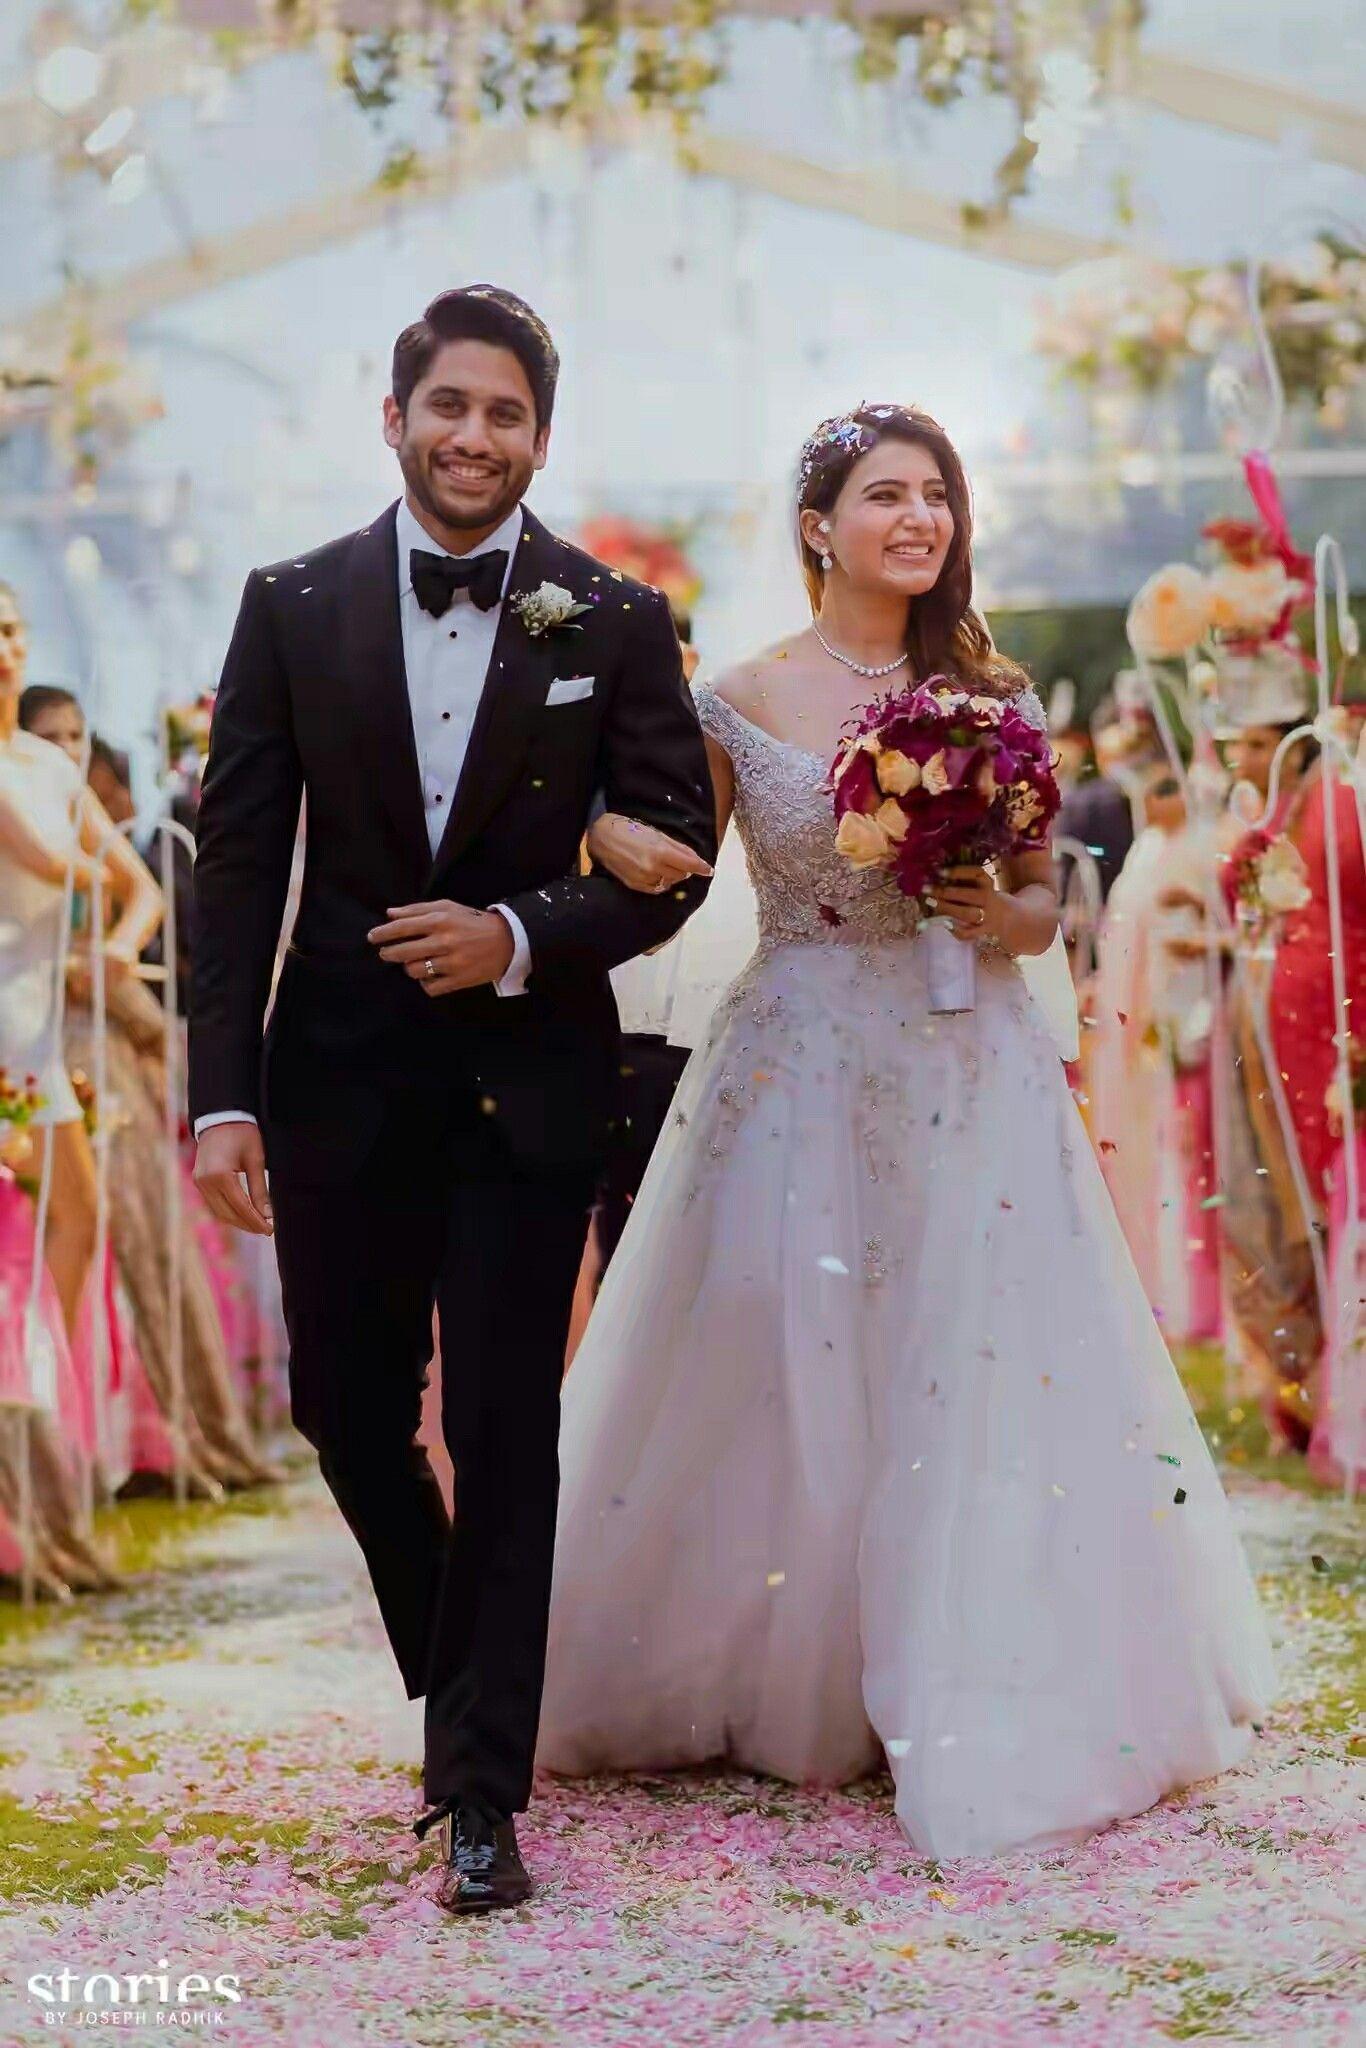 Samantha | Christian wedding gowns, Samantha wedding, Marriage dress